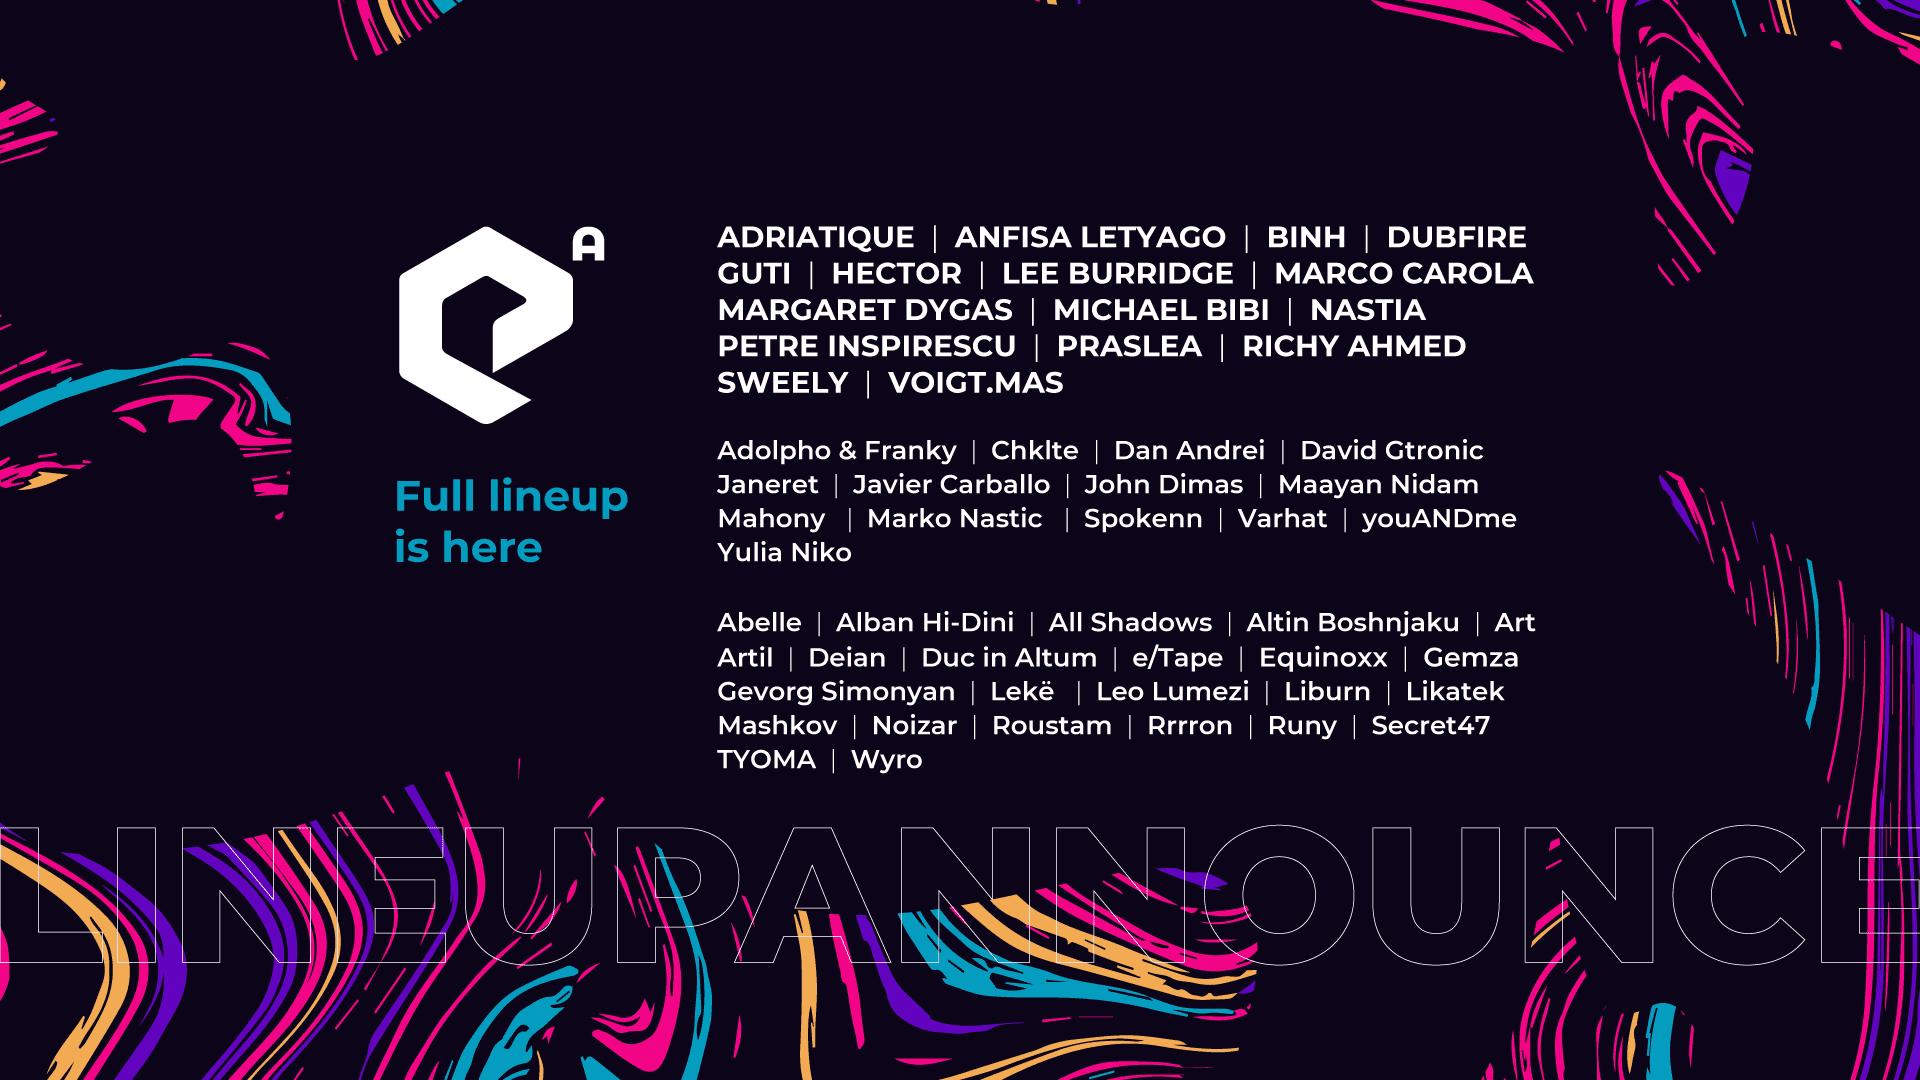 Epizode Albania announces their full lineup